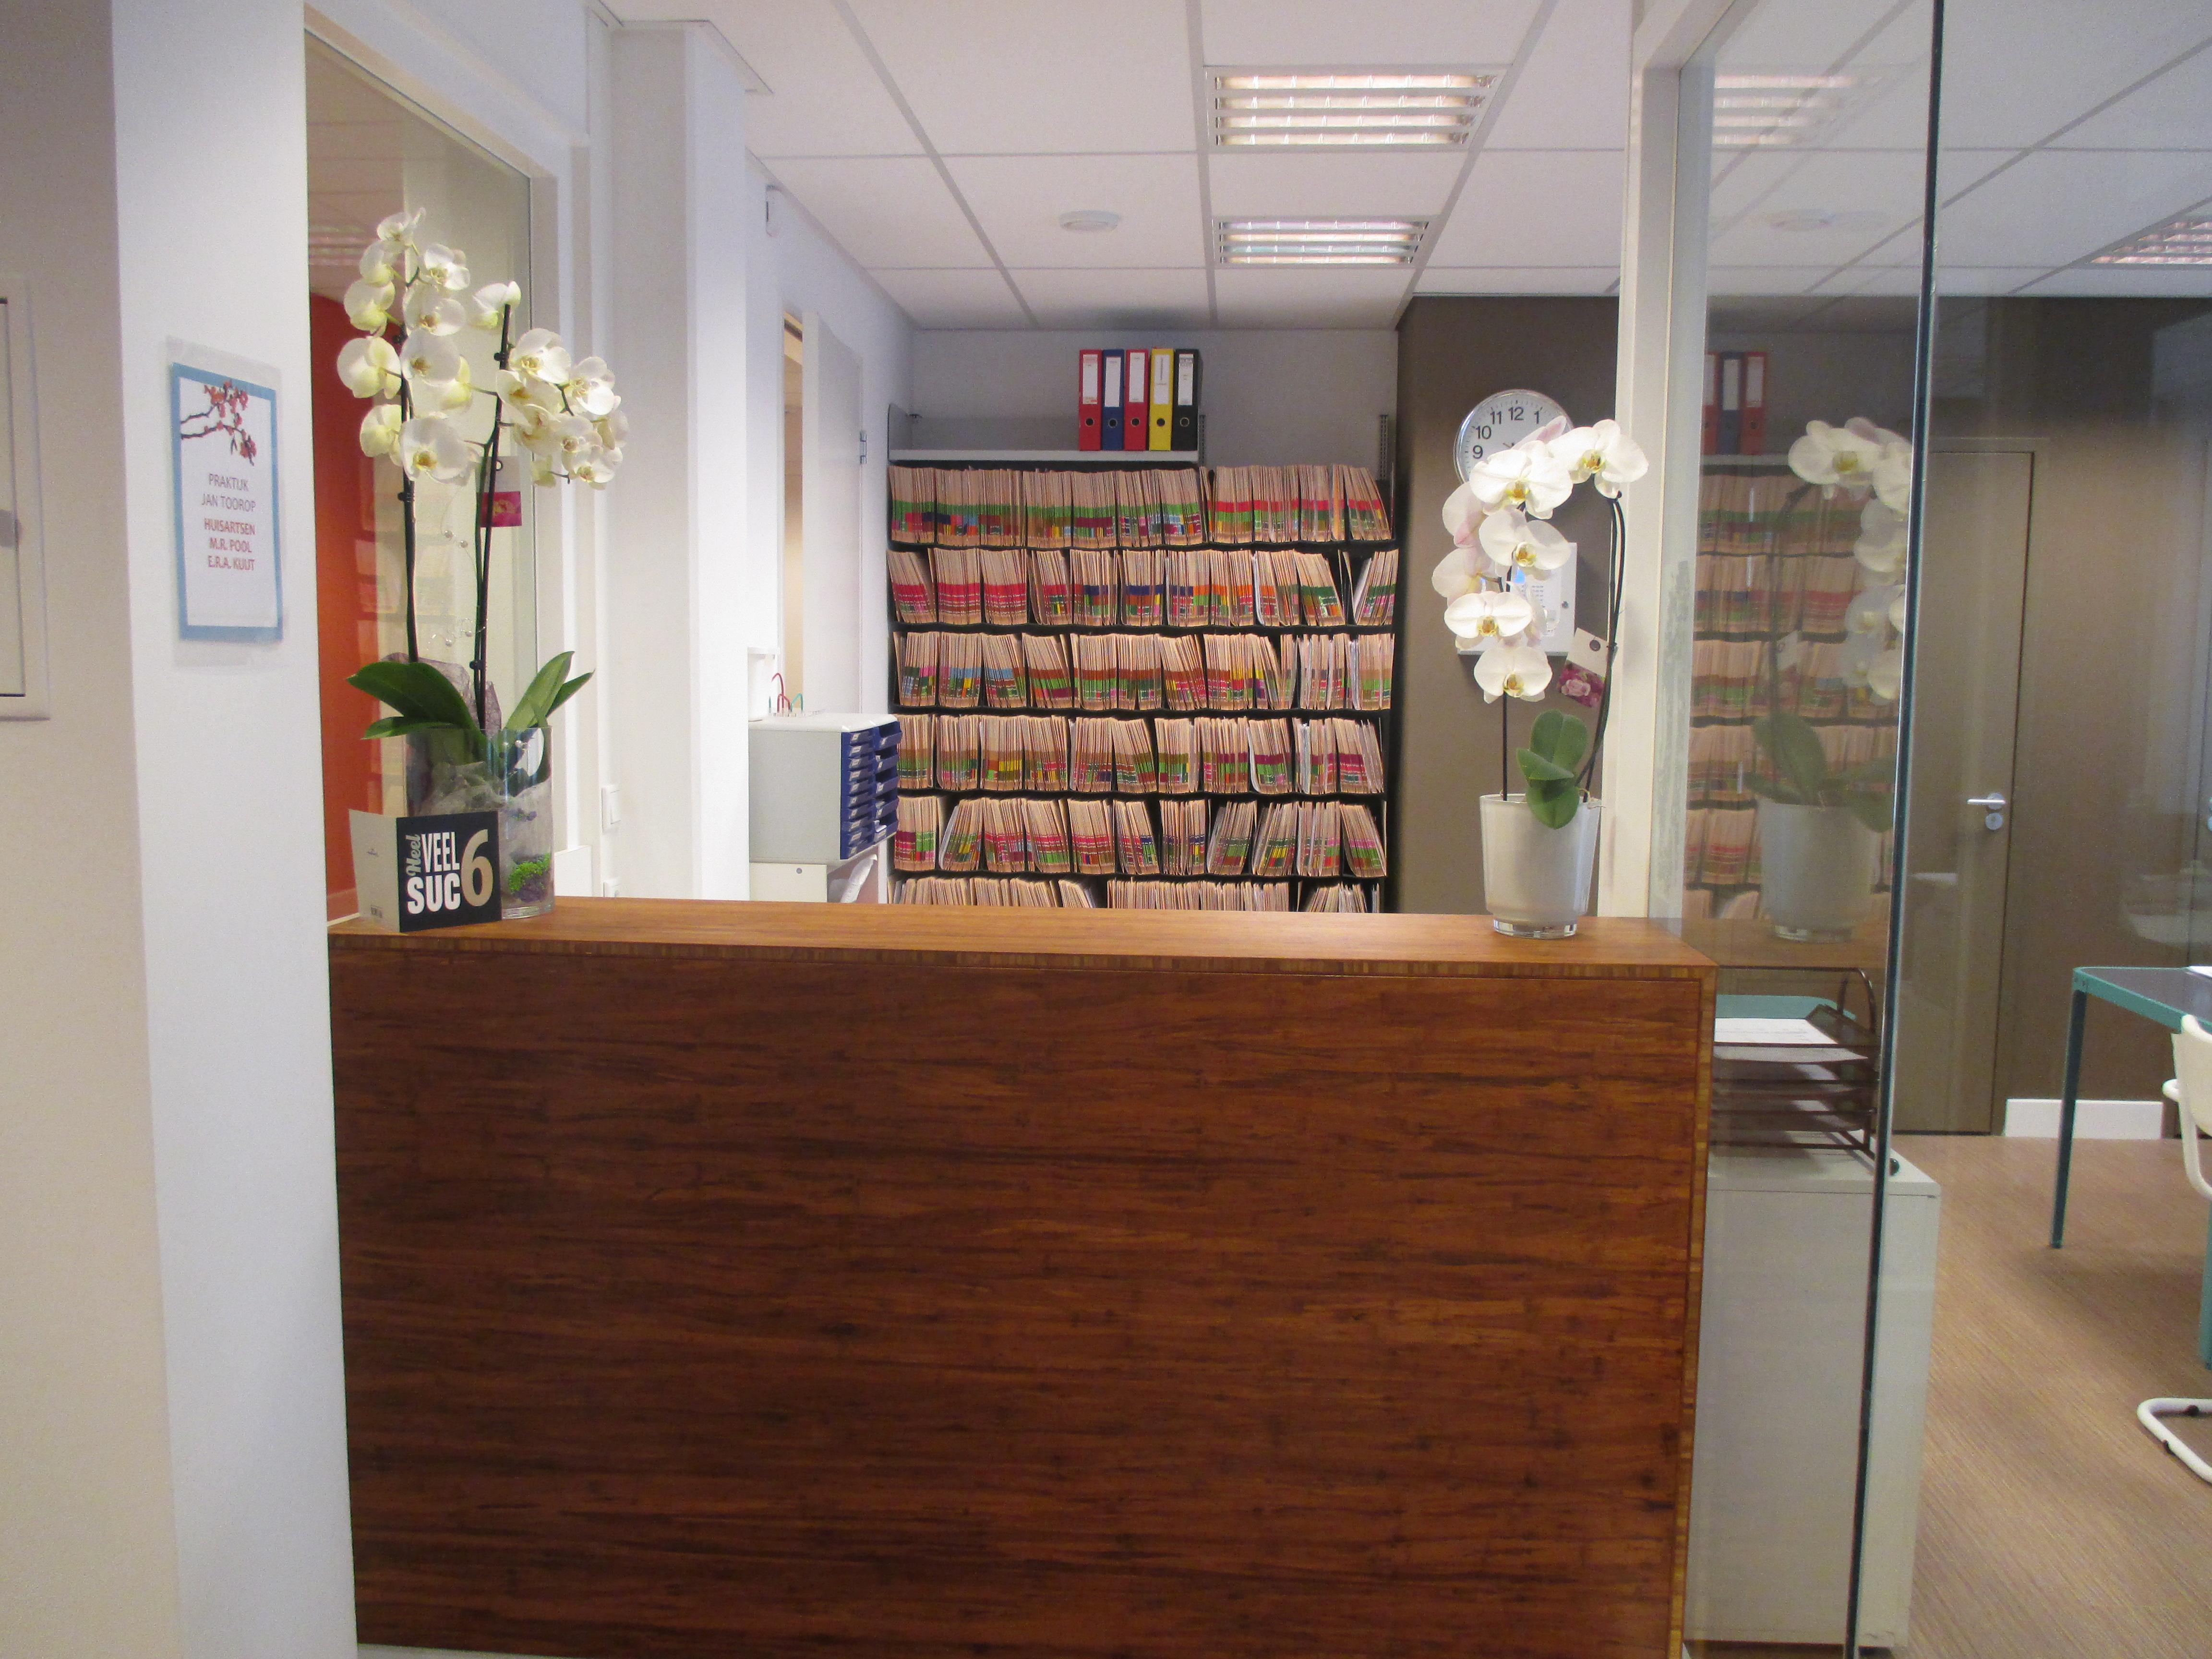 Interieurontwerp huisartsenpraktijk amsterdam the in for Interieurontwerp amsterdam